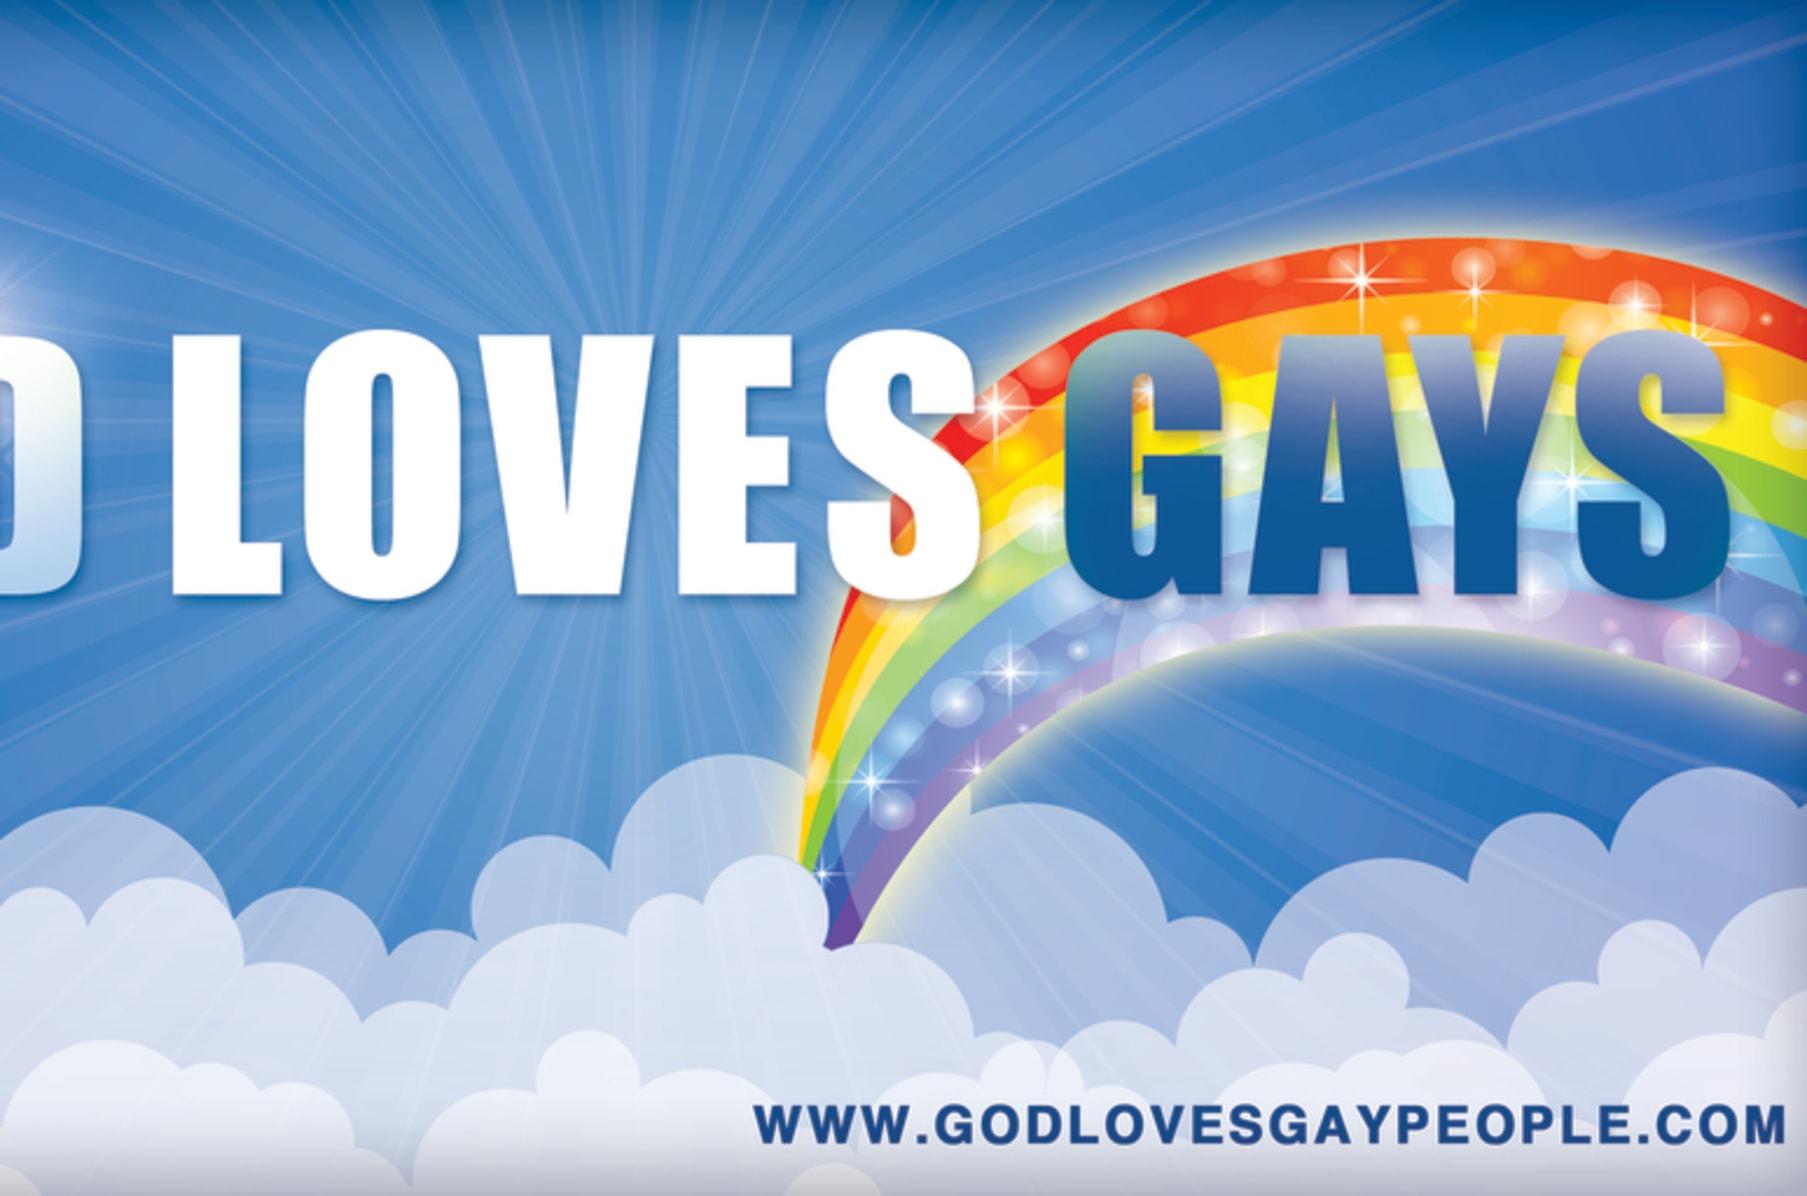 Dolní životice gay seznamka